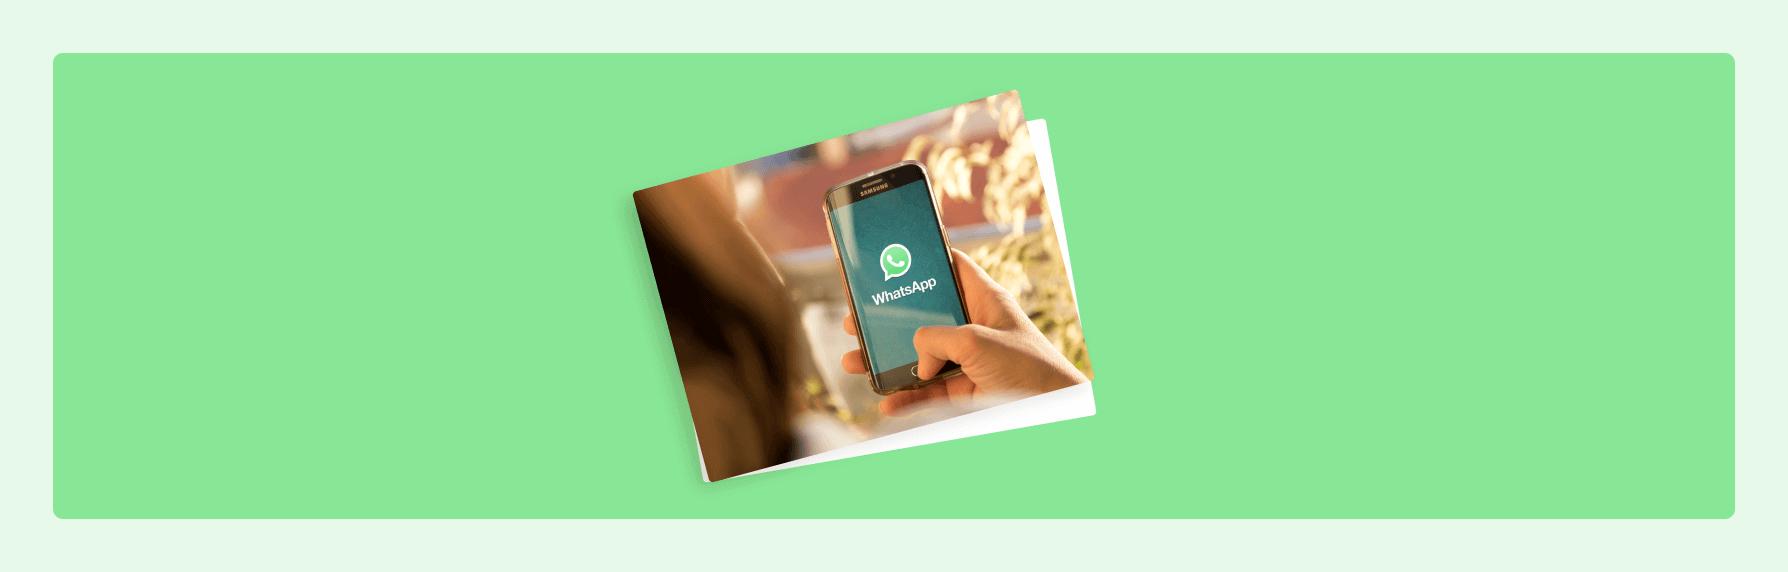 WhatsApp-Business Funktionen im Überblick (2021)